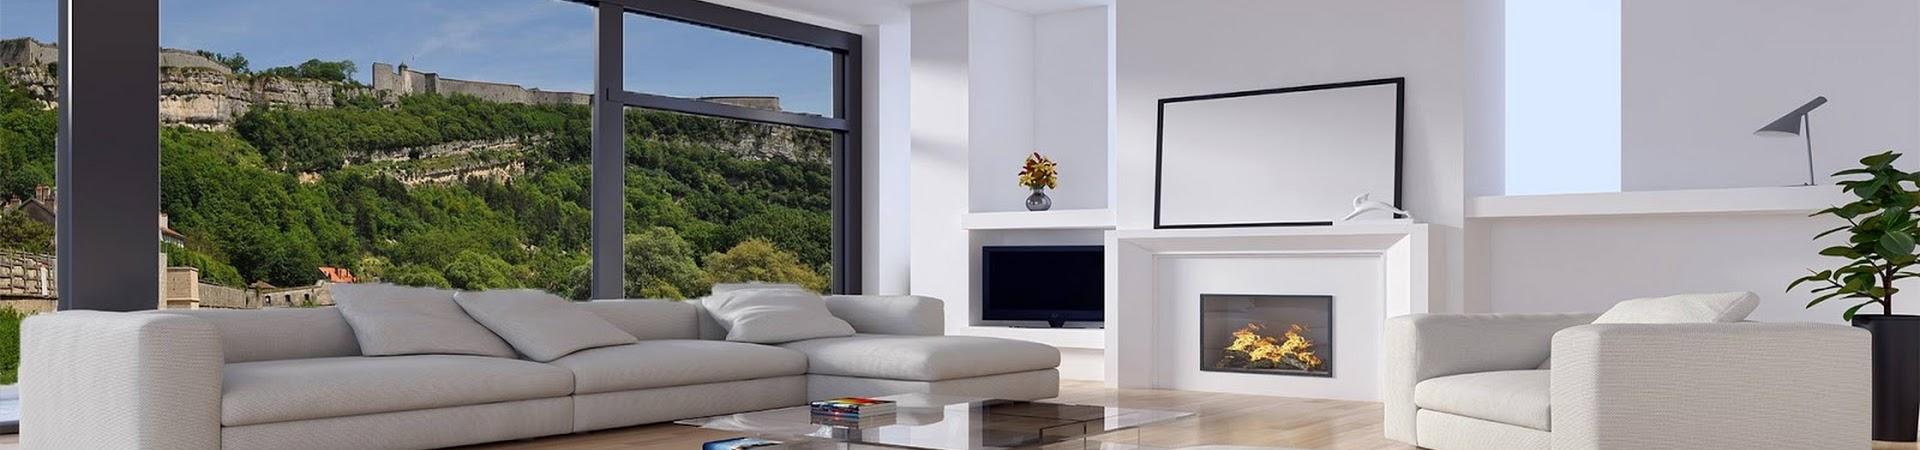 immobilier Franche-Comté